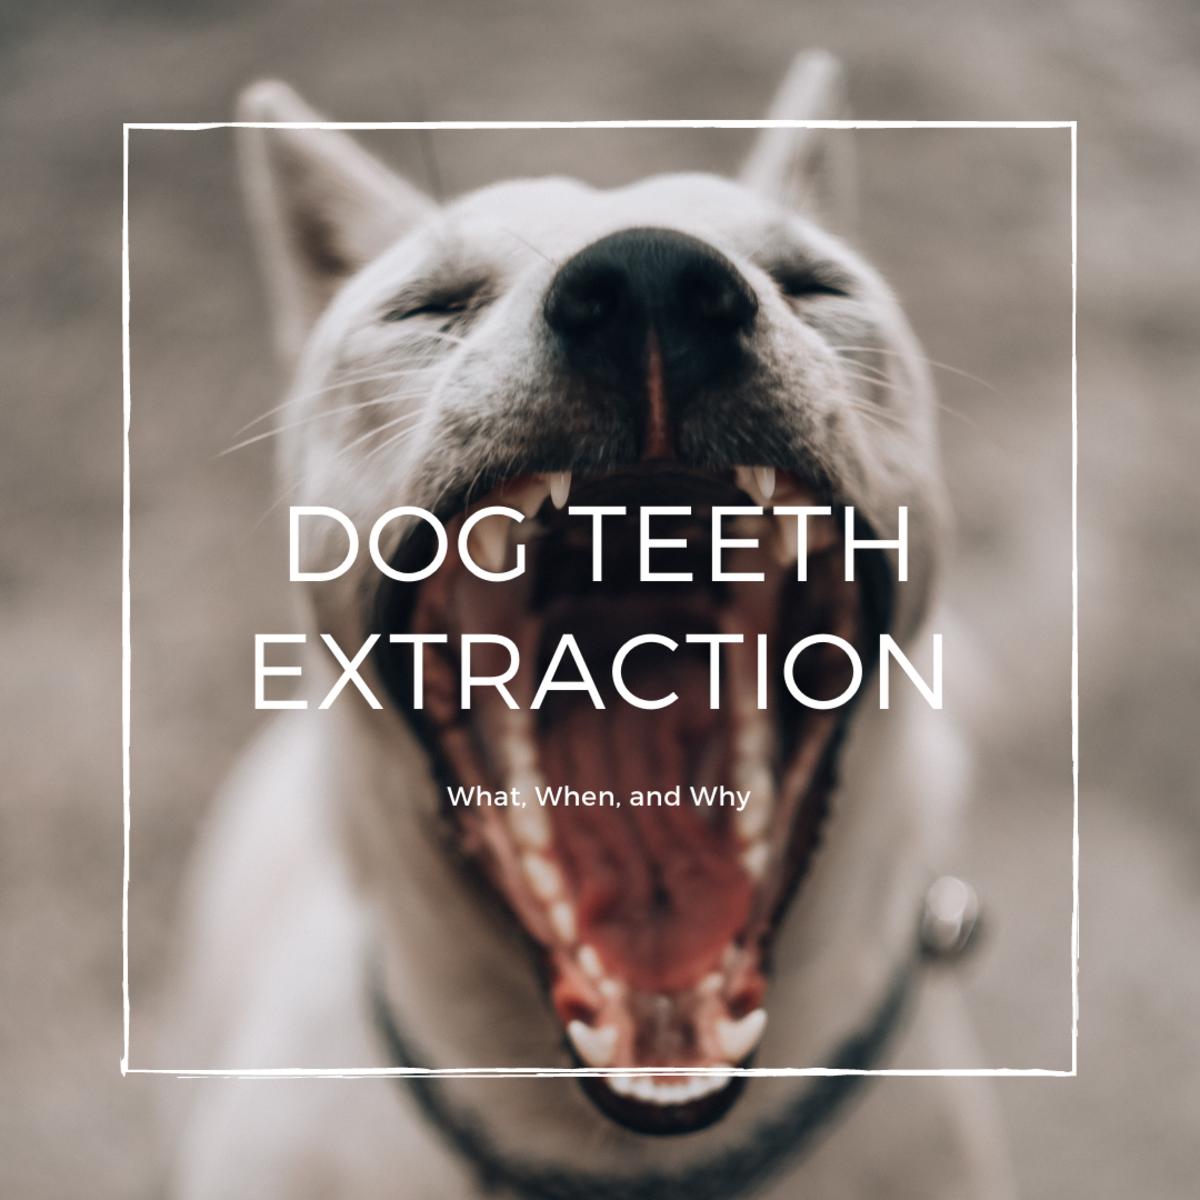 Dog Teeth Extraction